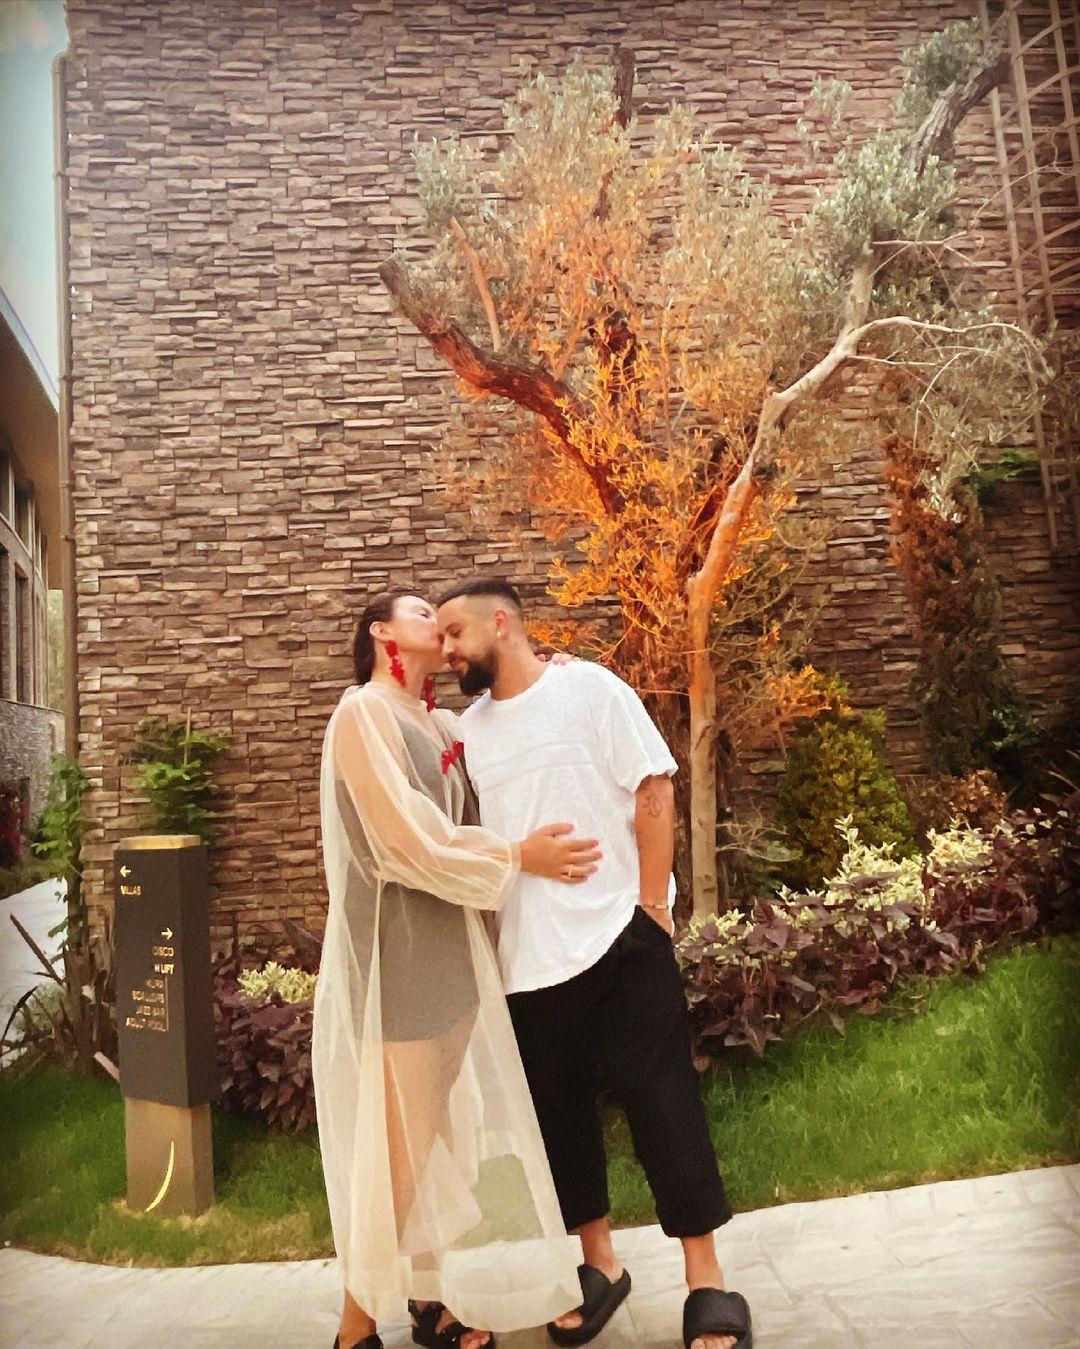 Ірина Монатік поділилася фото з чоловіком / instagram.com/irinamonatik